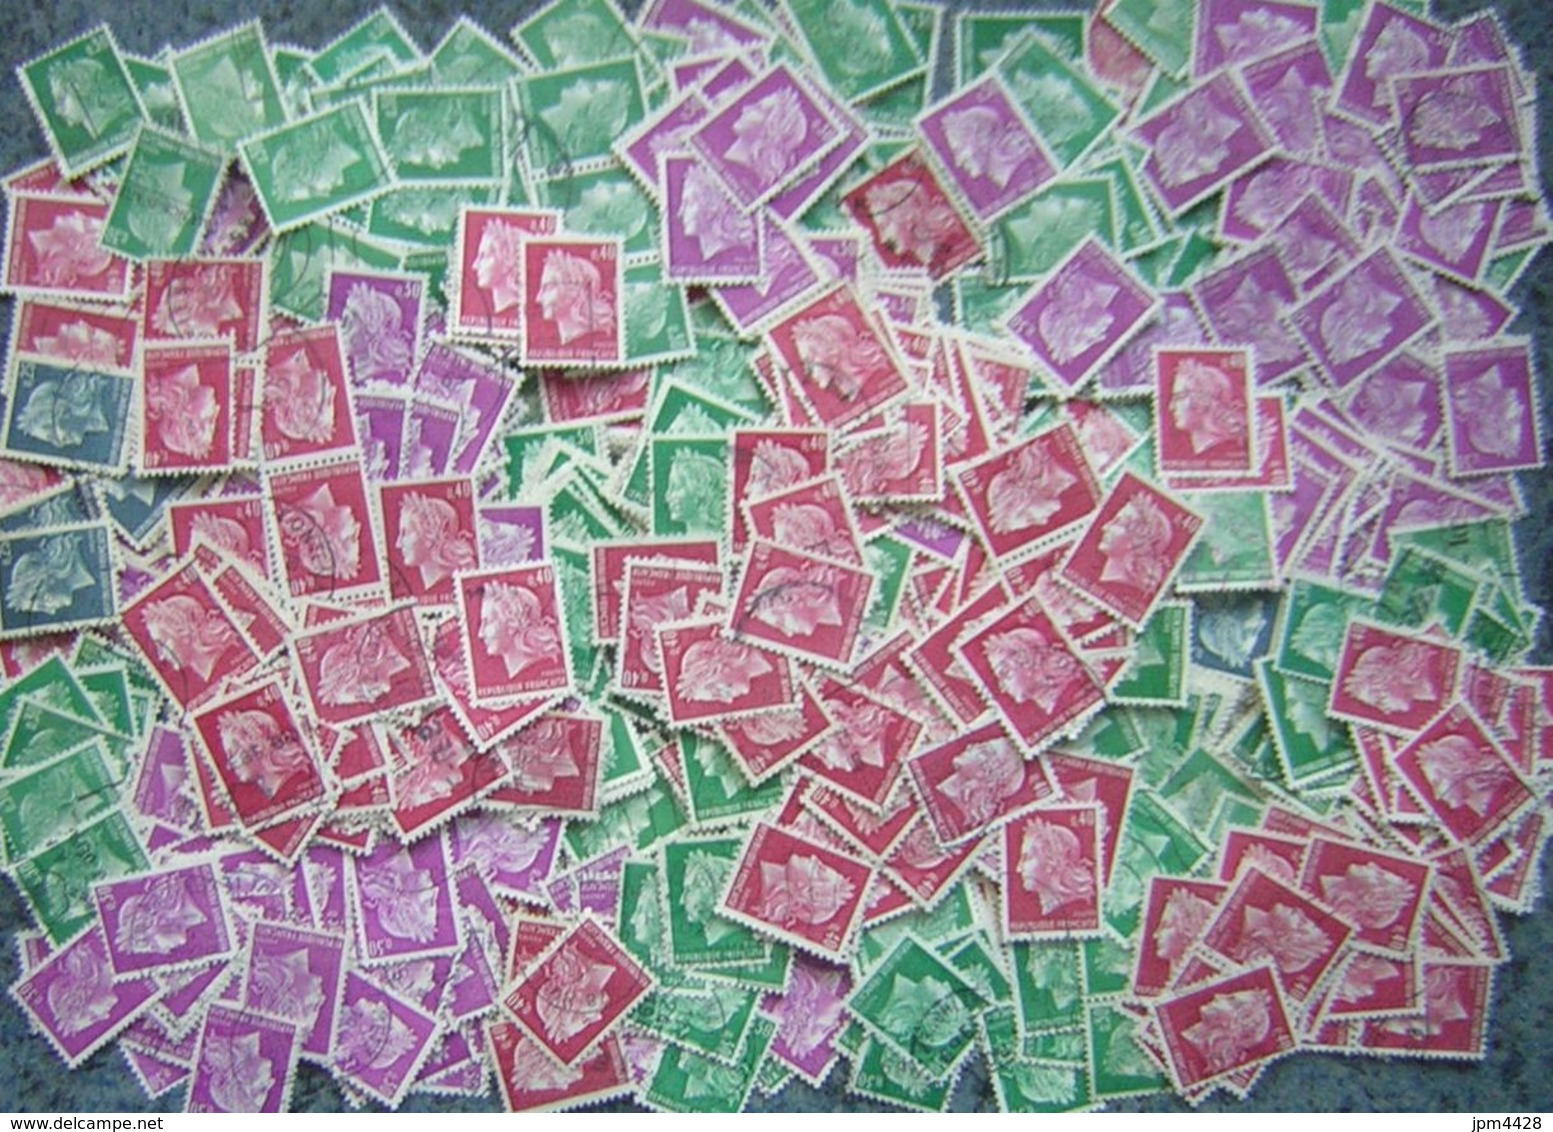 France Lot Vrac Marianne De Cheffer 1536, A Et B -  570 Plis, 40 Grs TP Lavé Et  Fragments  Pour étude - Quelques 1611 - Vrac (max 999 Timbres)